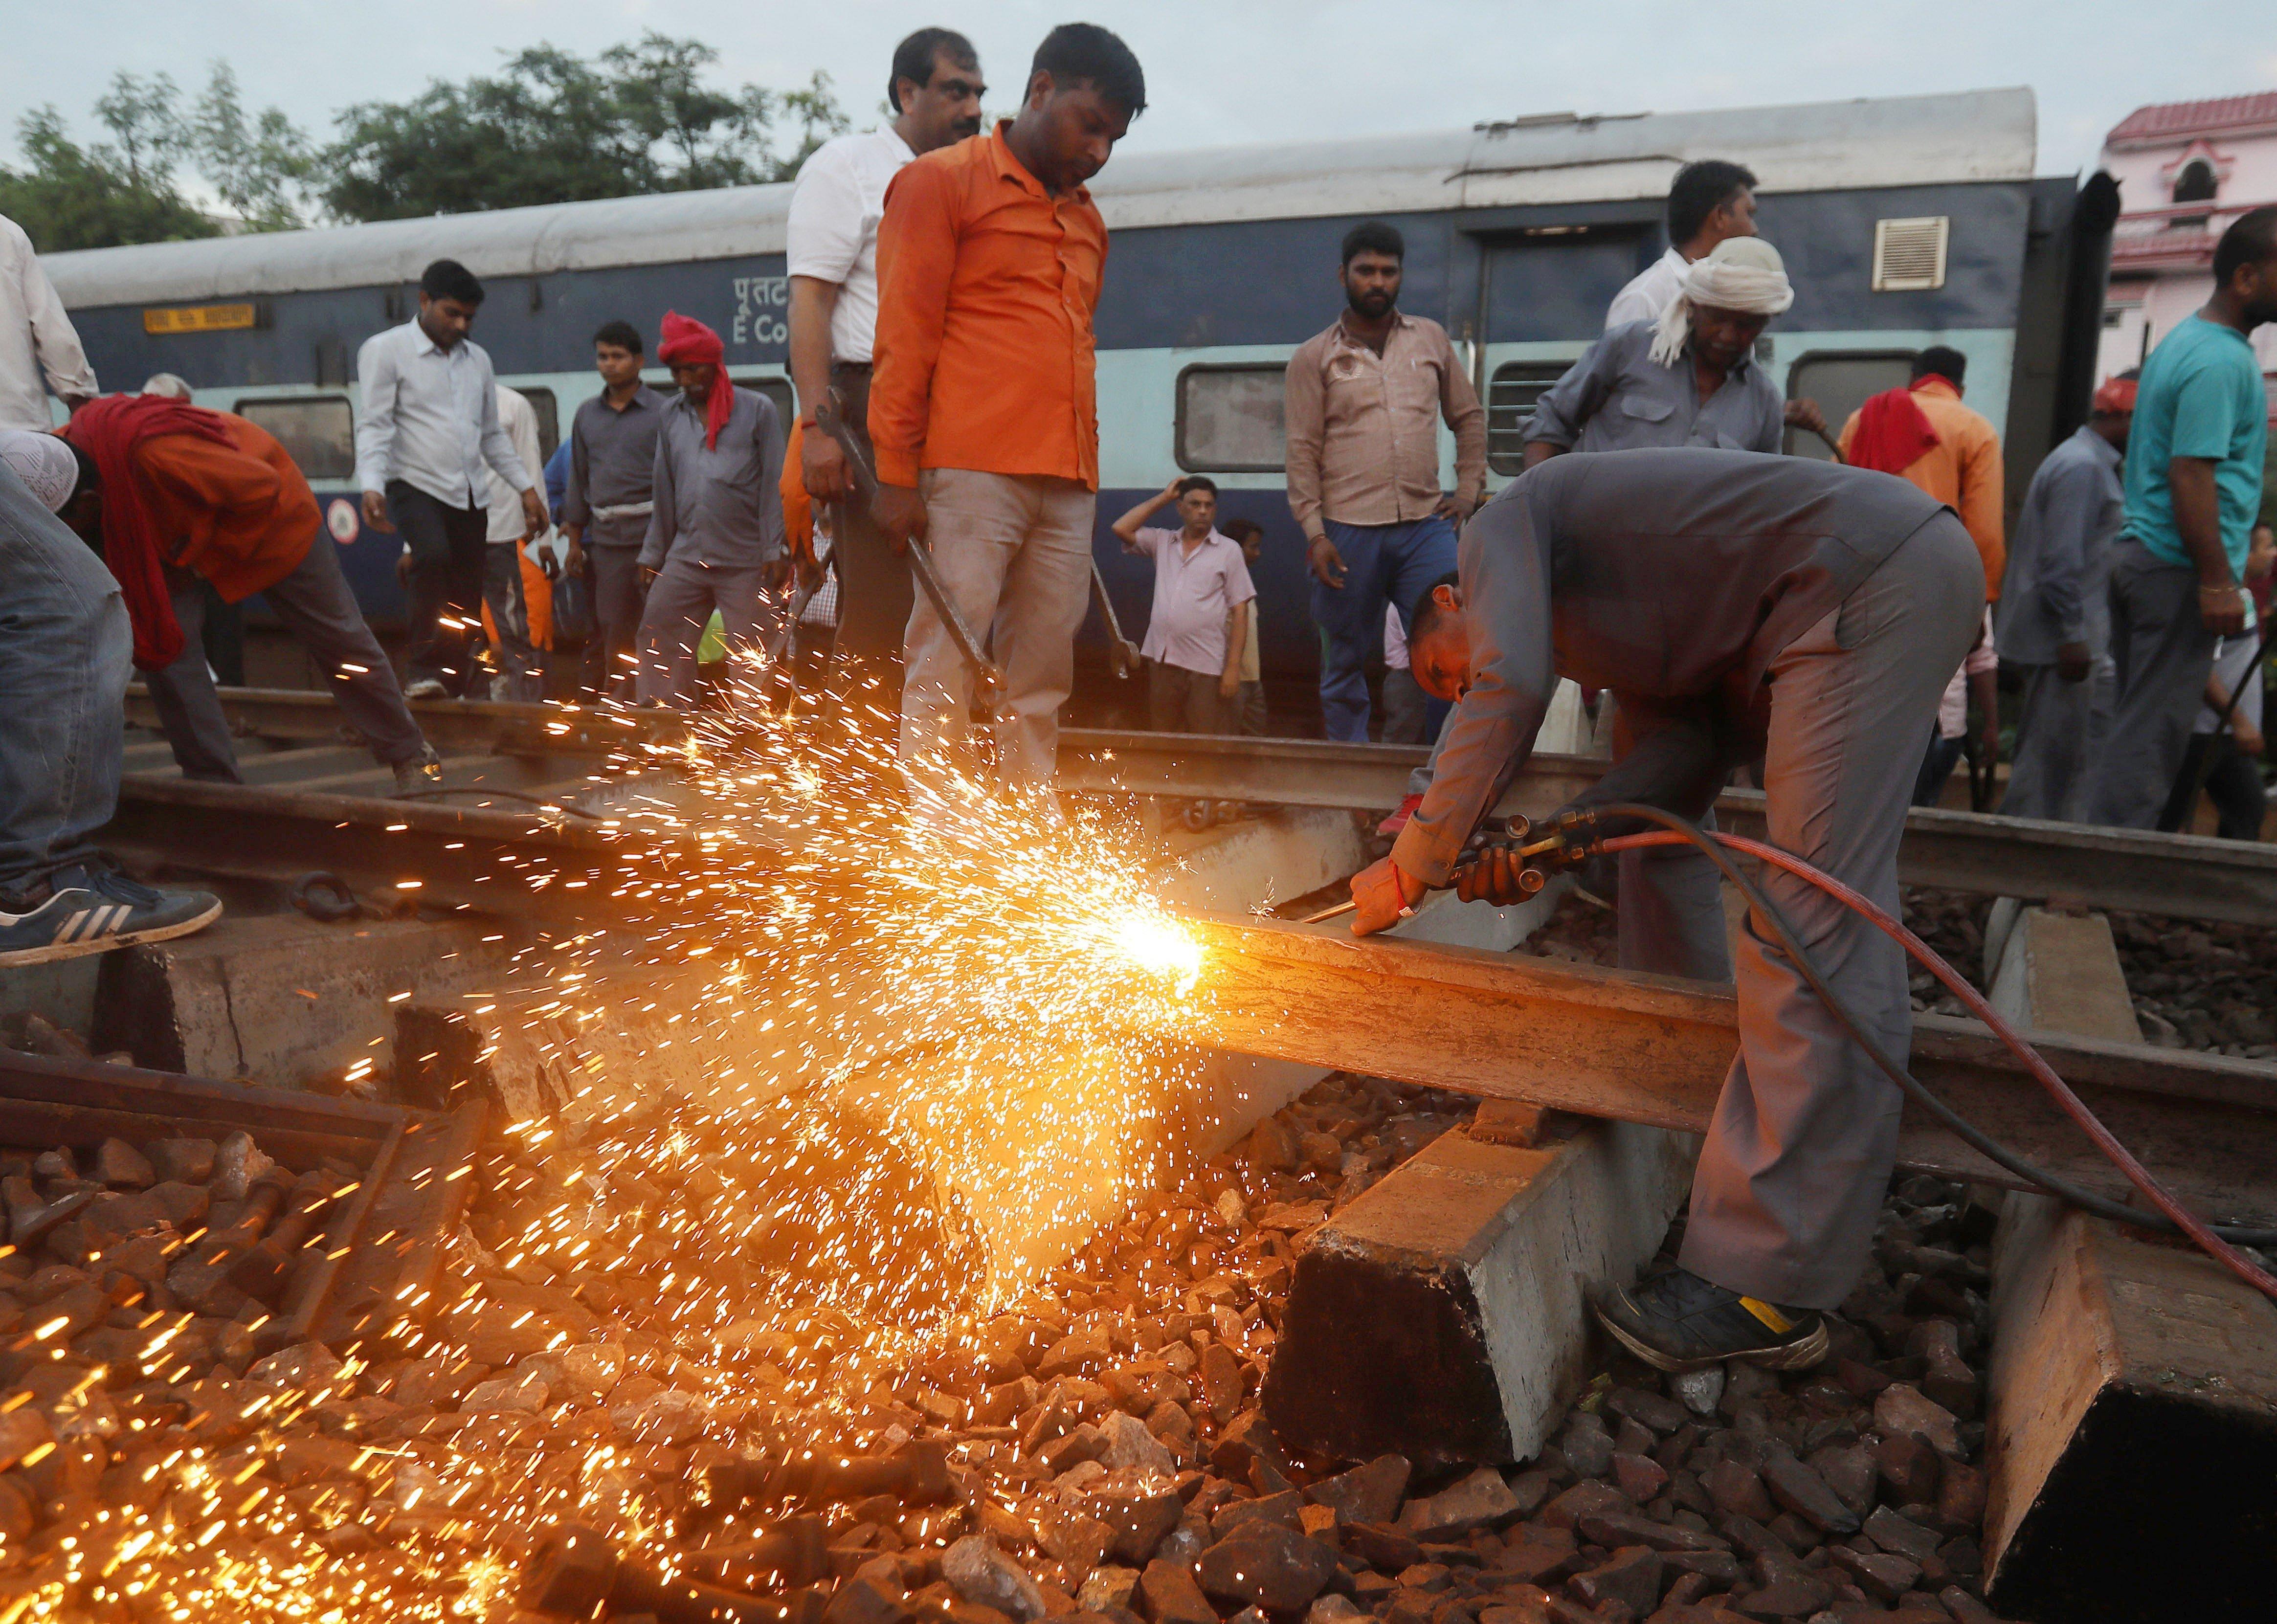 Las autoridades indias elevaron hoy a 123 el número de heridos en el descarrilamiento de un tren ayer en el estado de Uttar Pradesh, en el norte del país, mientras que rebajaron la cifra de muertos a una veintena. EFE